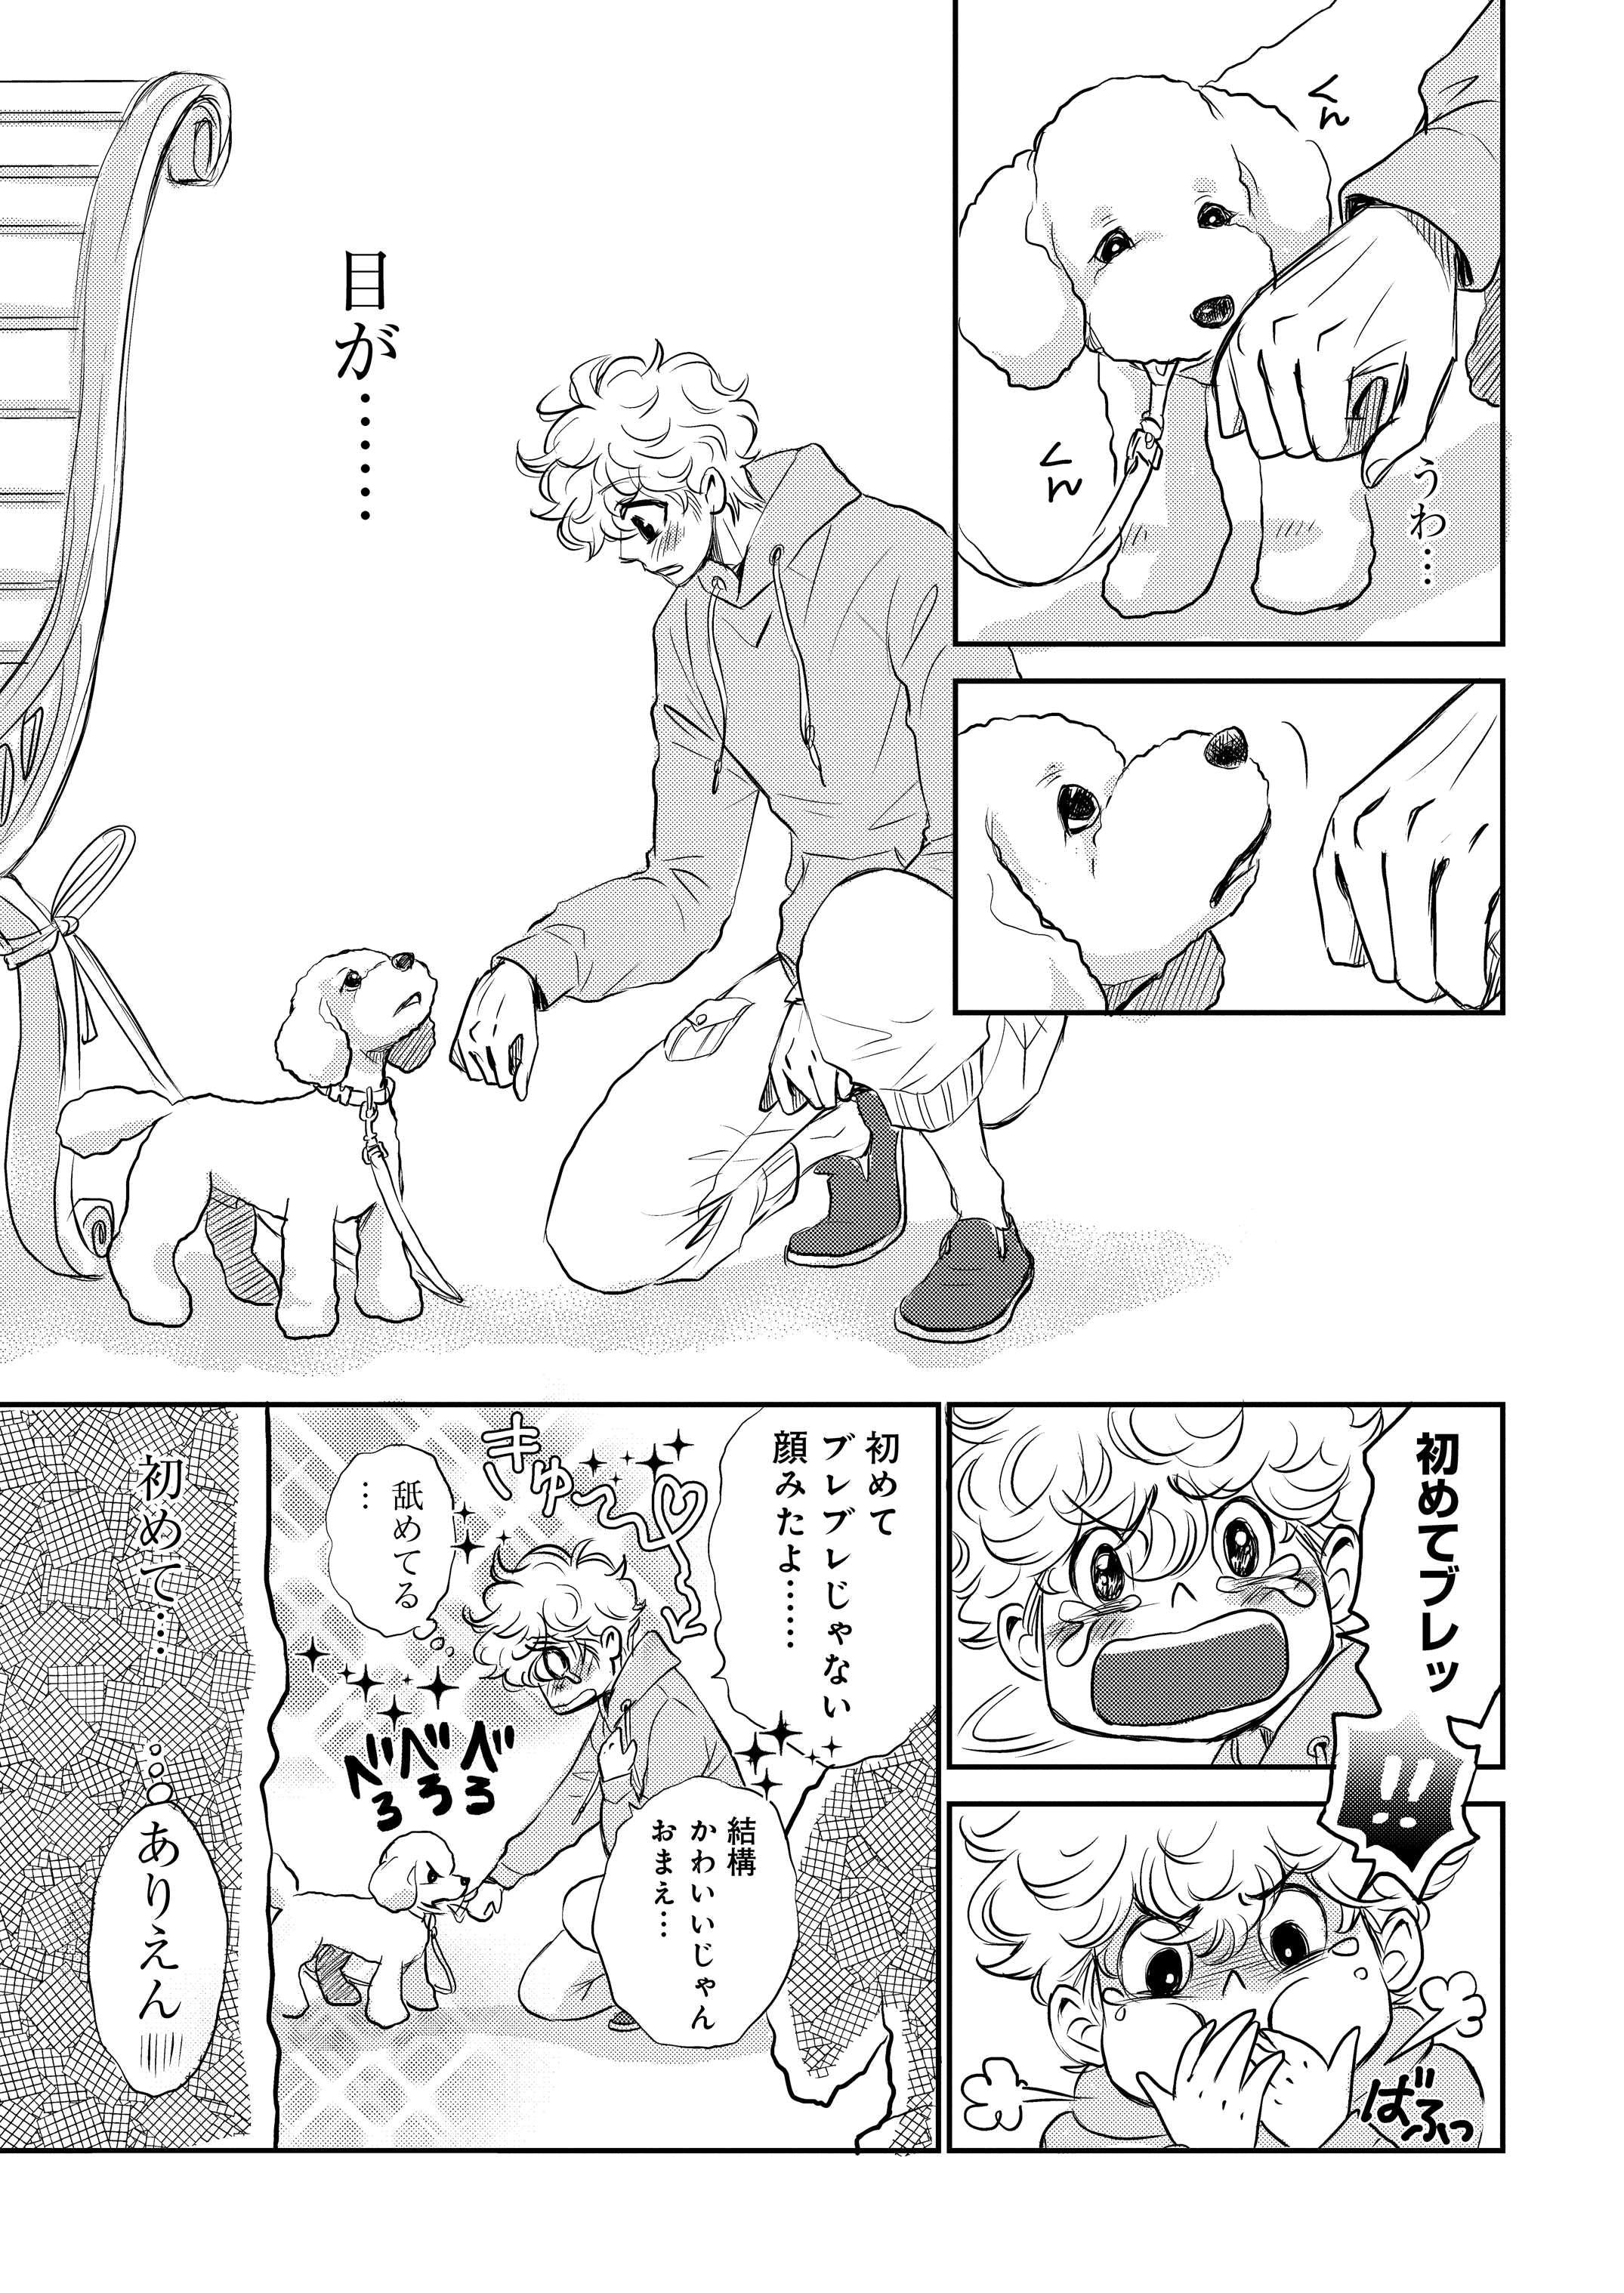 【新連載】『DOG SIGNAL』1話目③ 8ページ目